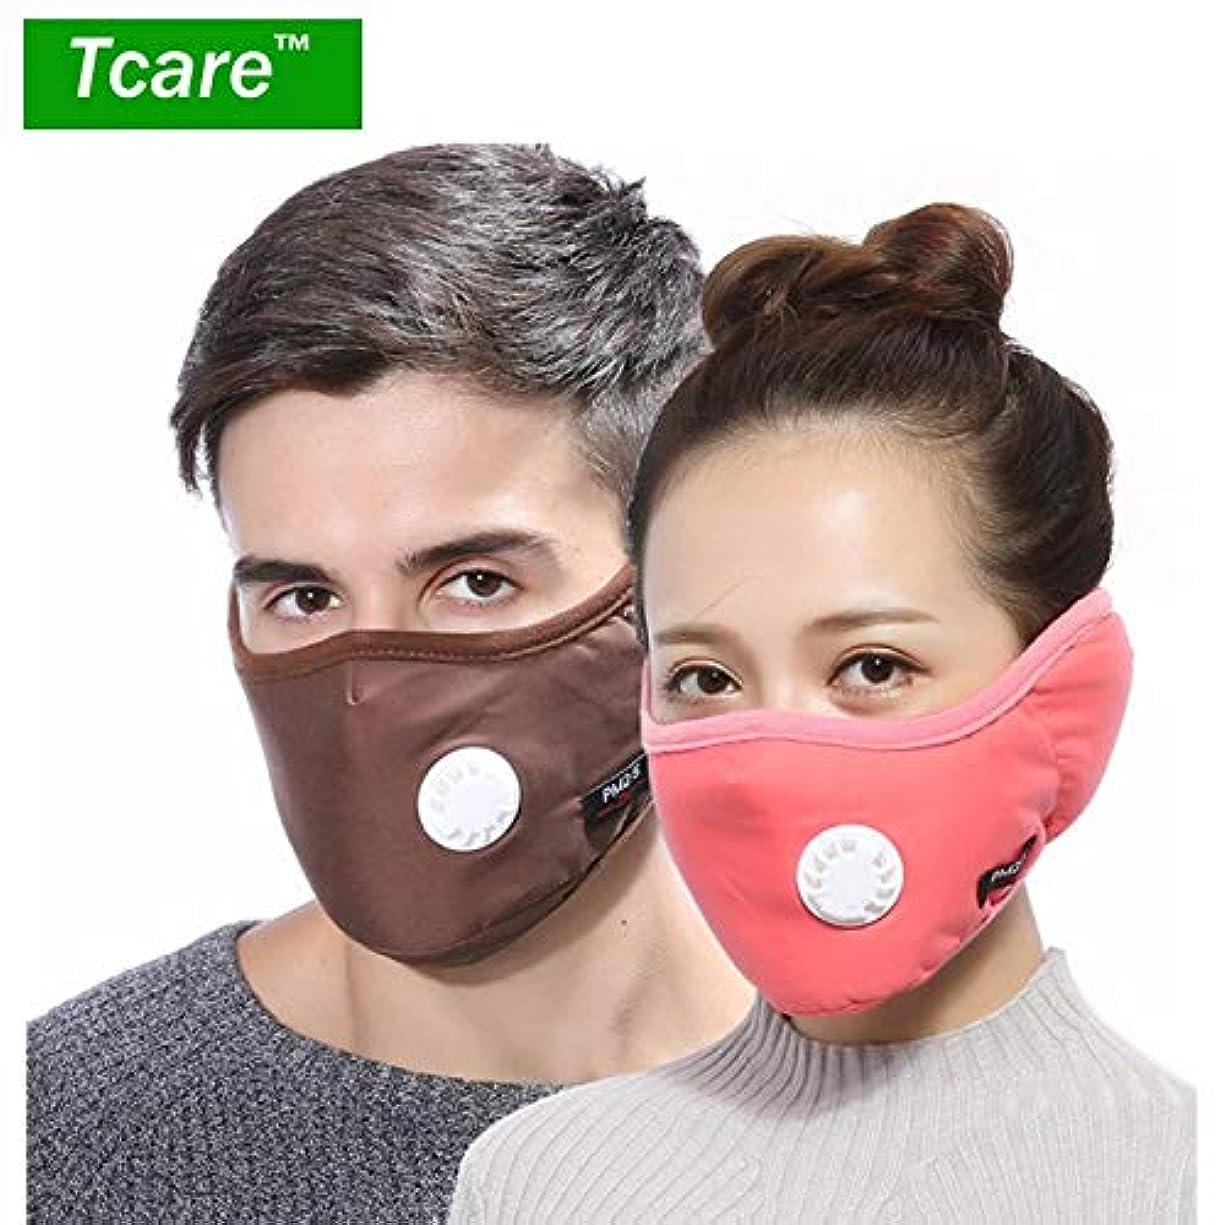 柔らかいガロン資格6 Waternレッド:1 PM2.5マスクバルブコットンアンチダスト口マスクの冬のイヤーマフActtedフィルター付マスクでTcare 2